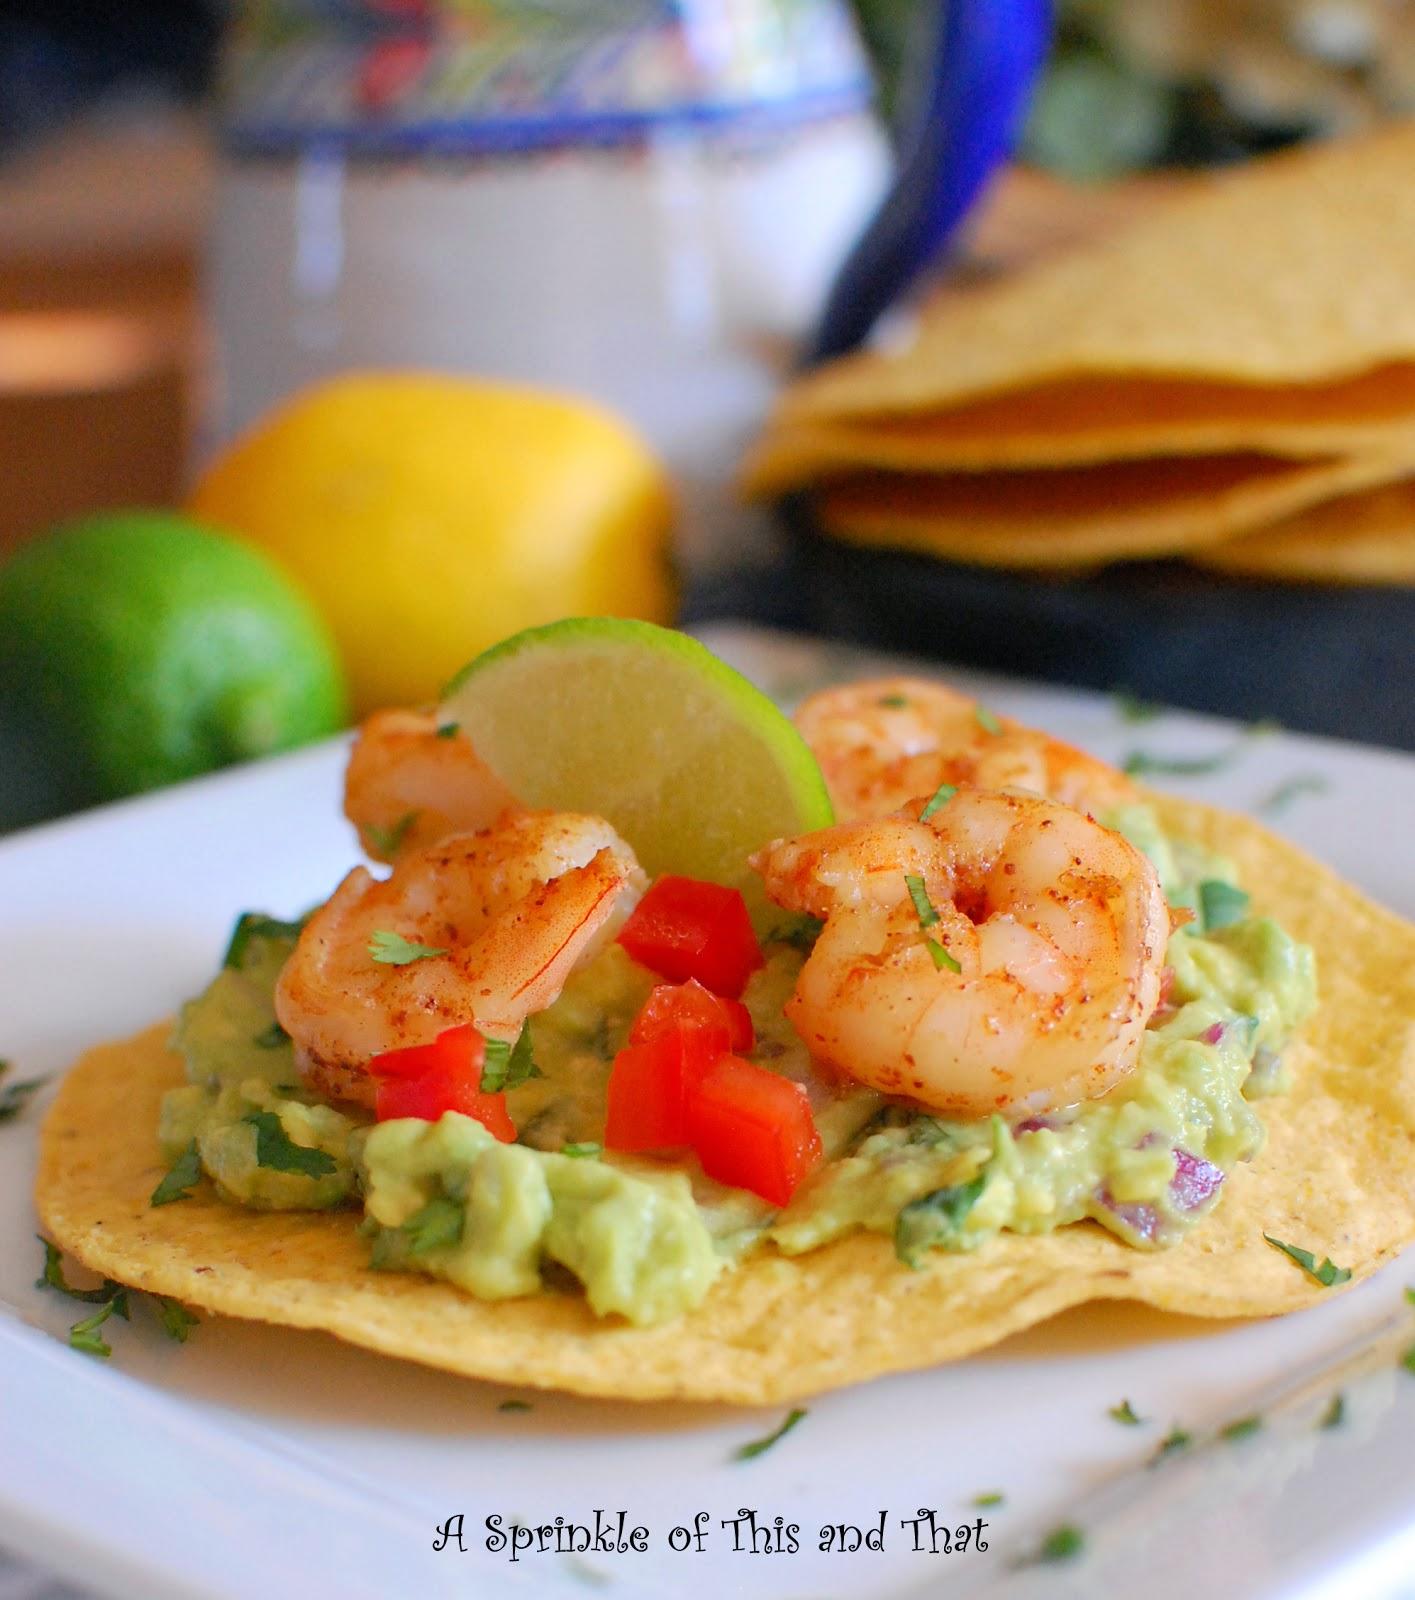 A Sprinkle of This and That: Shrimp Avocado Tostadas